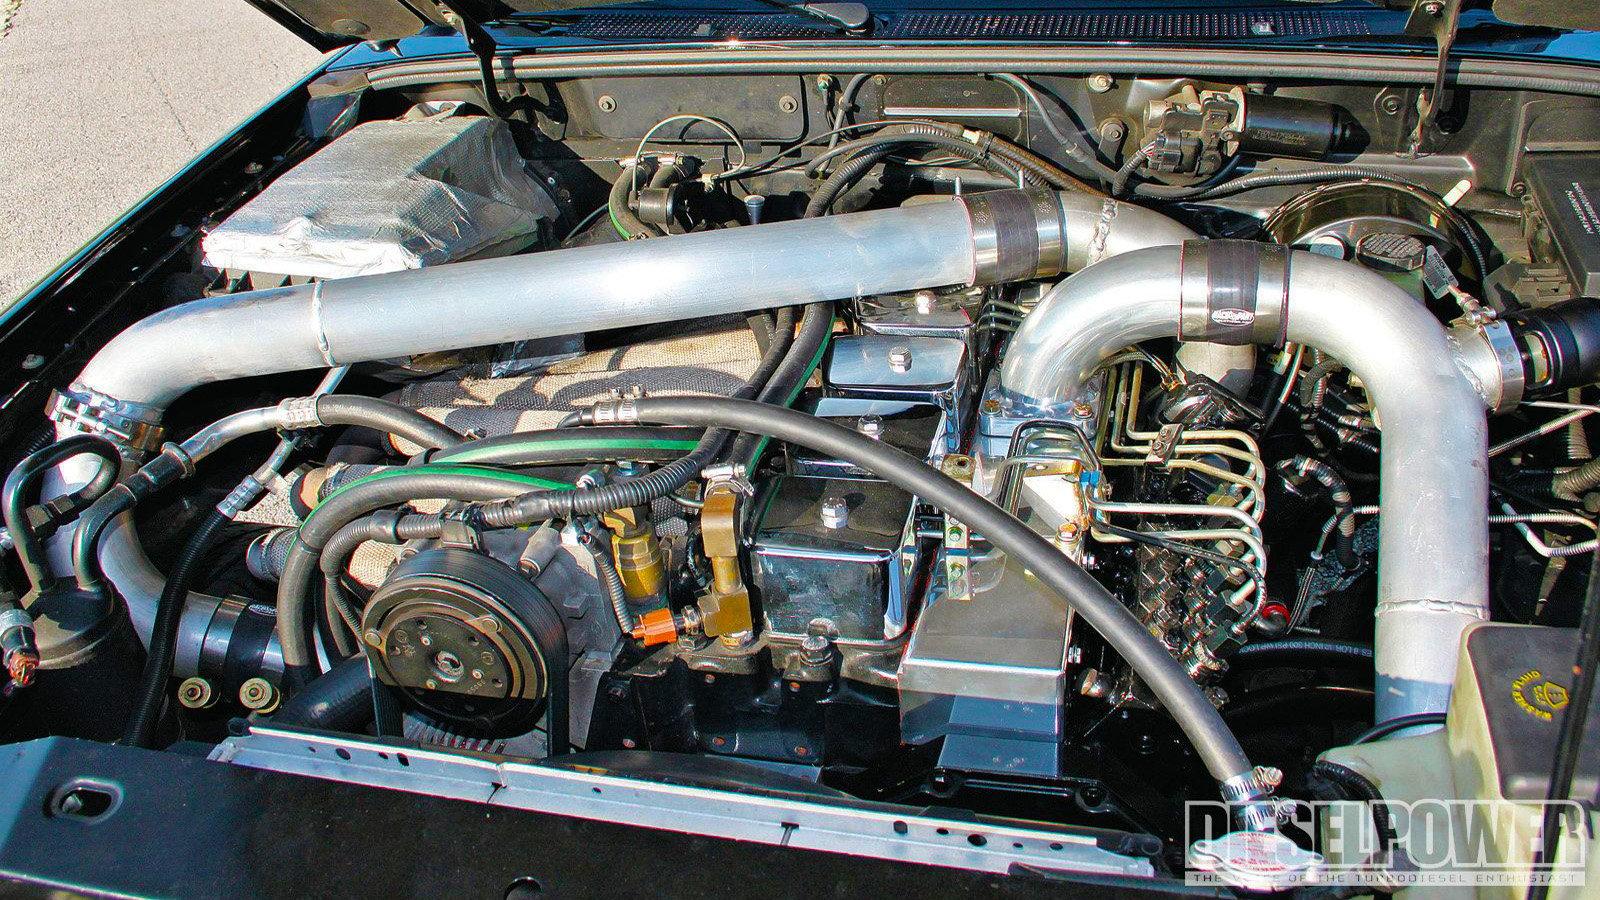 1998 Turbo Ranger